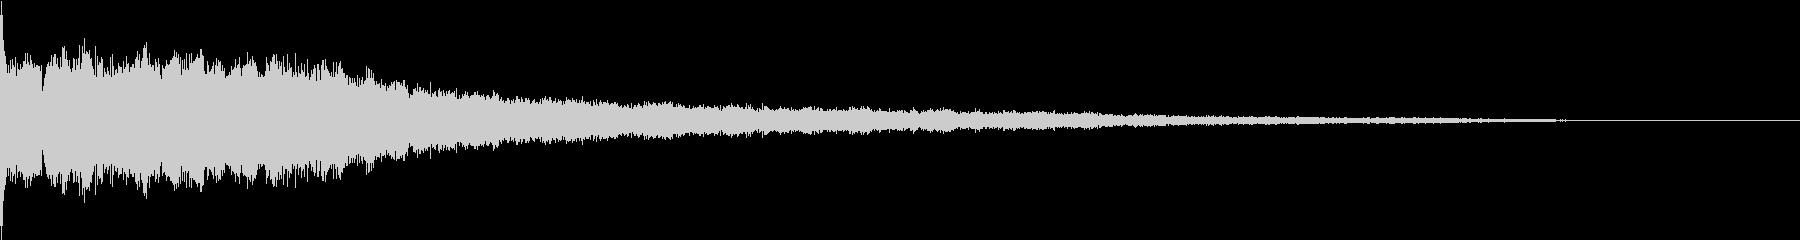 ピッ:デジタル起動音の未再生の波形